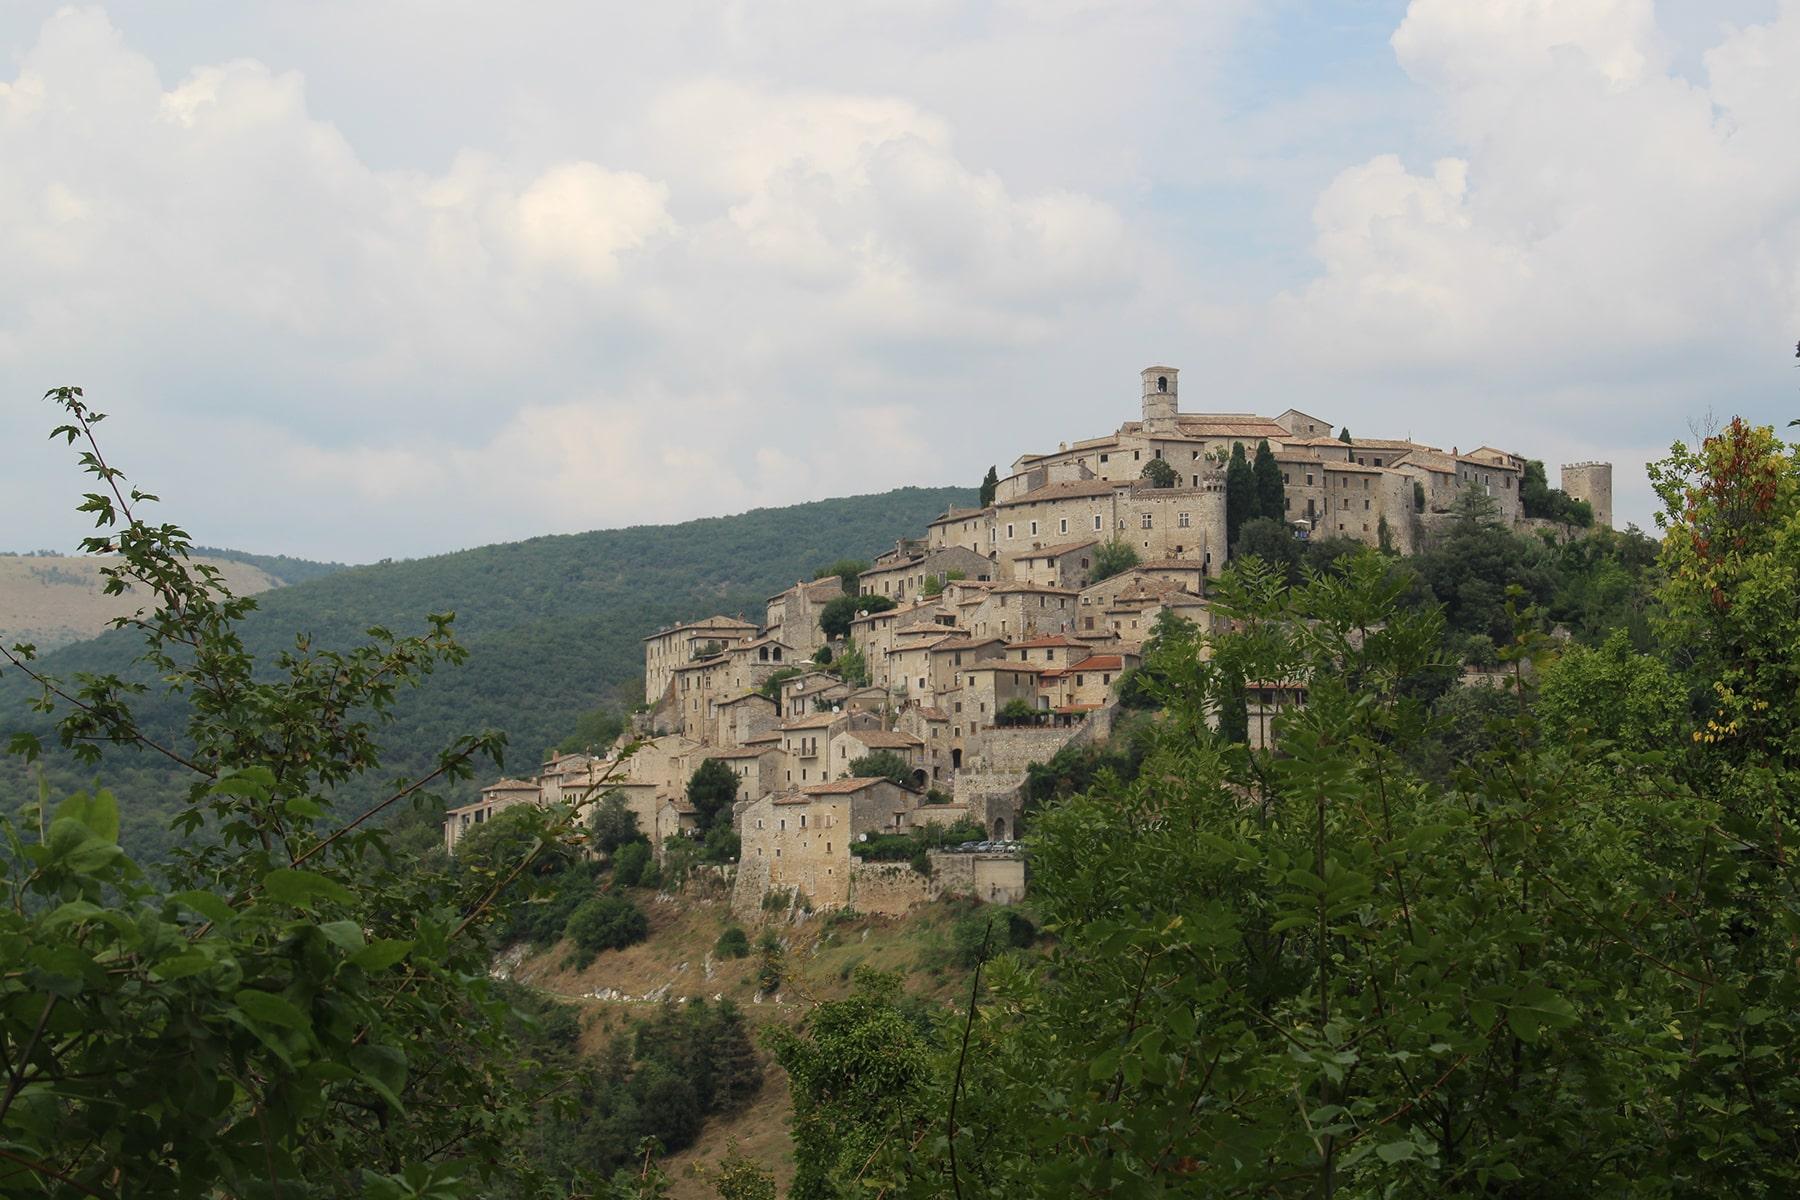 View Borgo di Labro